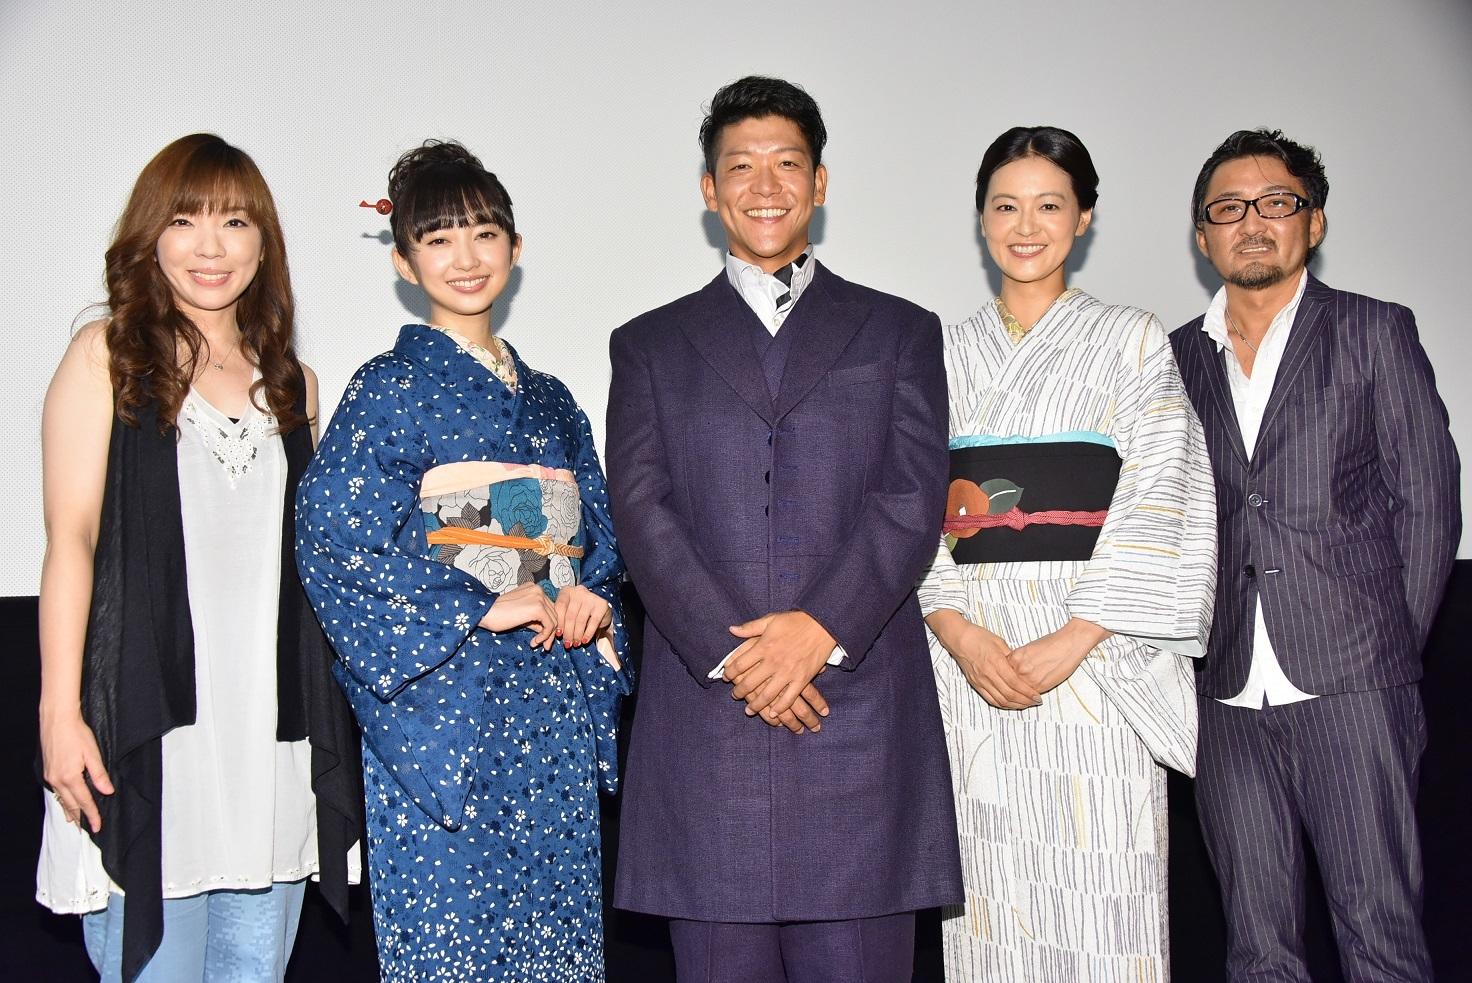 左から、mayo(岡本真夜)、小宮有紗、駿河太郎、黒谷友香、宮野ケイジ監督 撮影=石井隼人